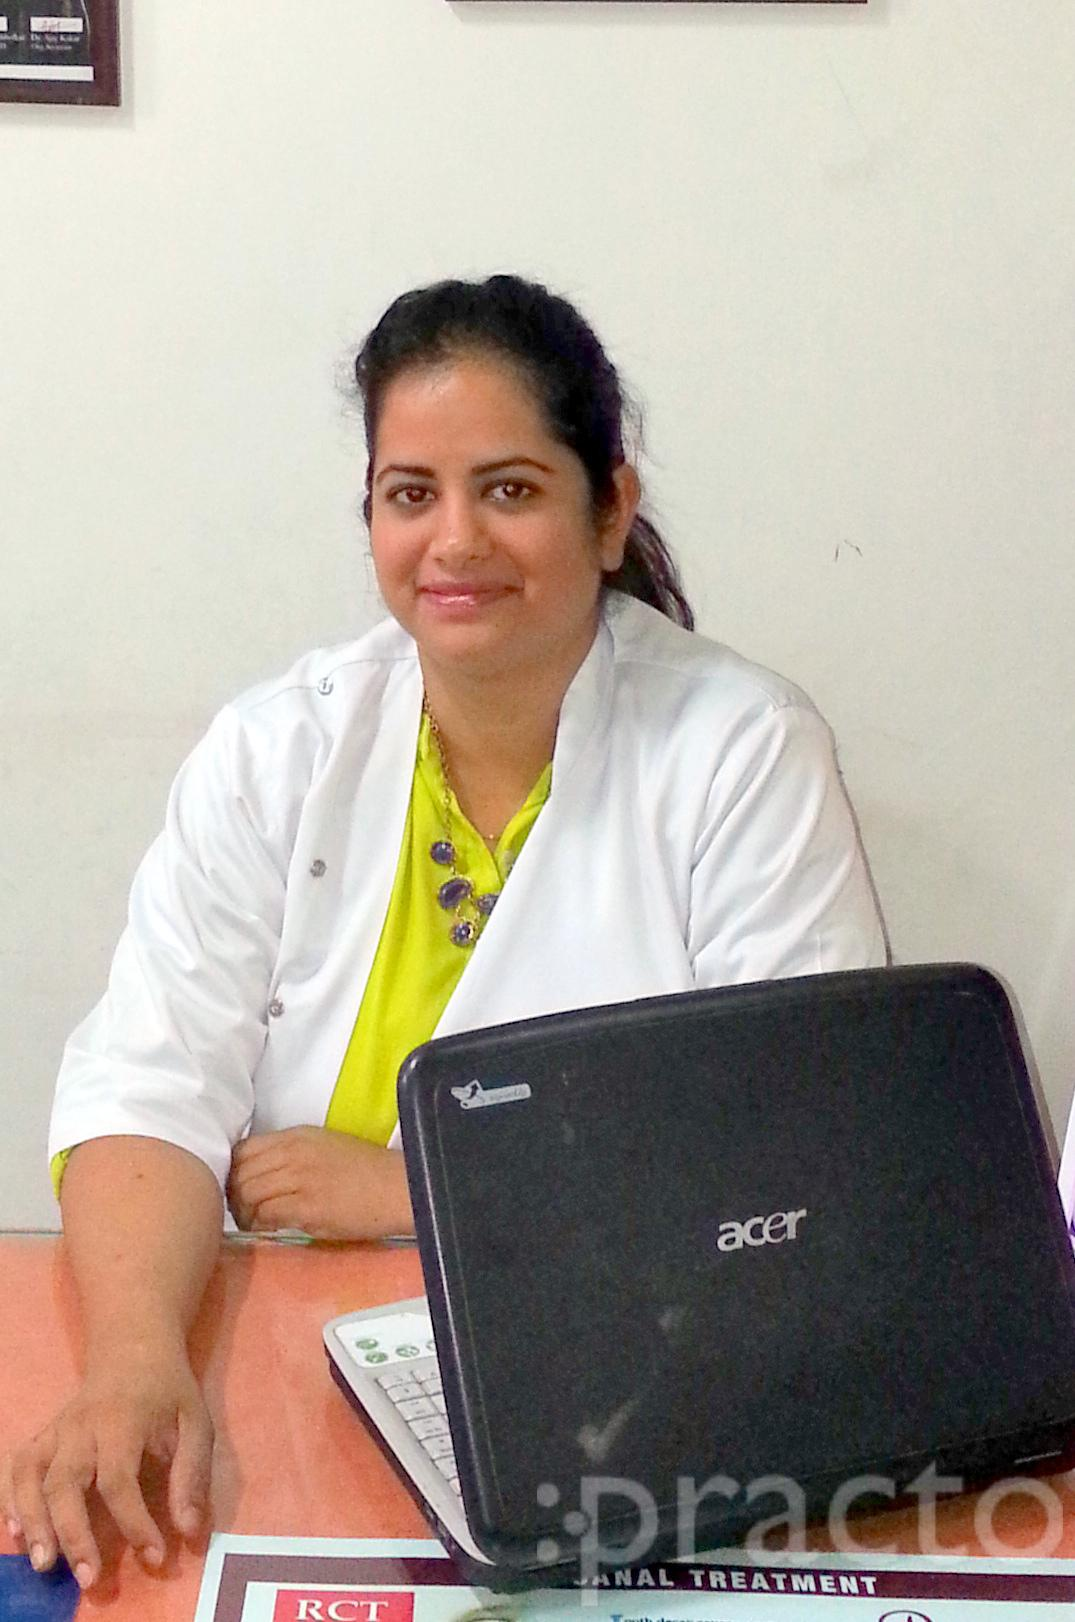 Dr. zeeba juned ali - Dentist